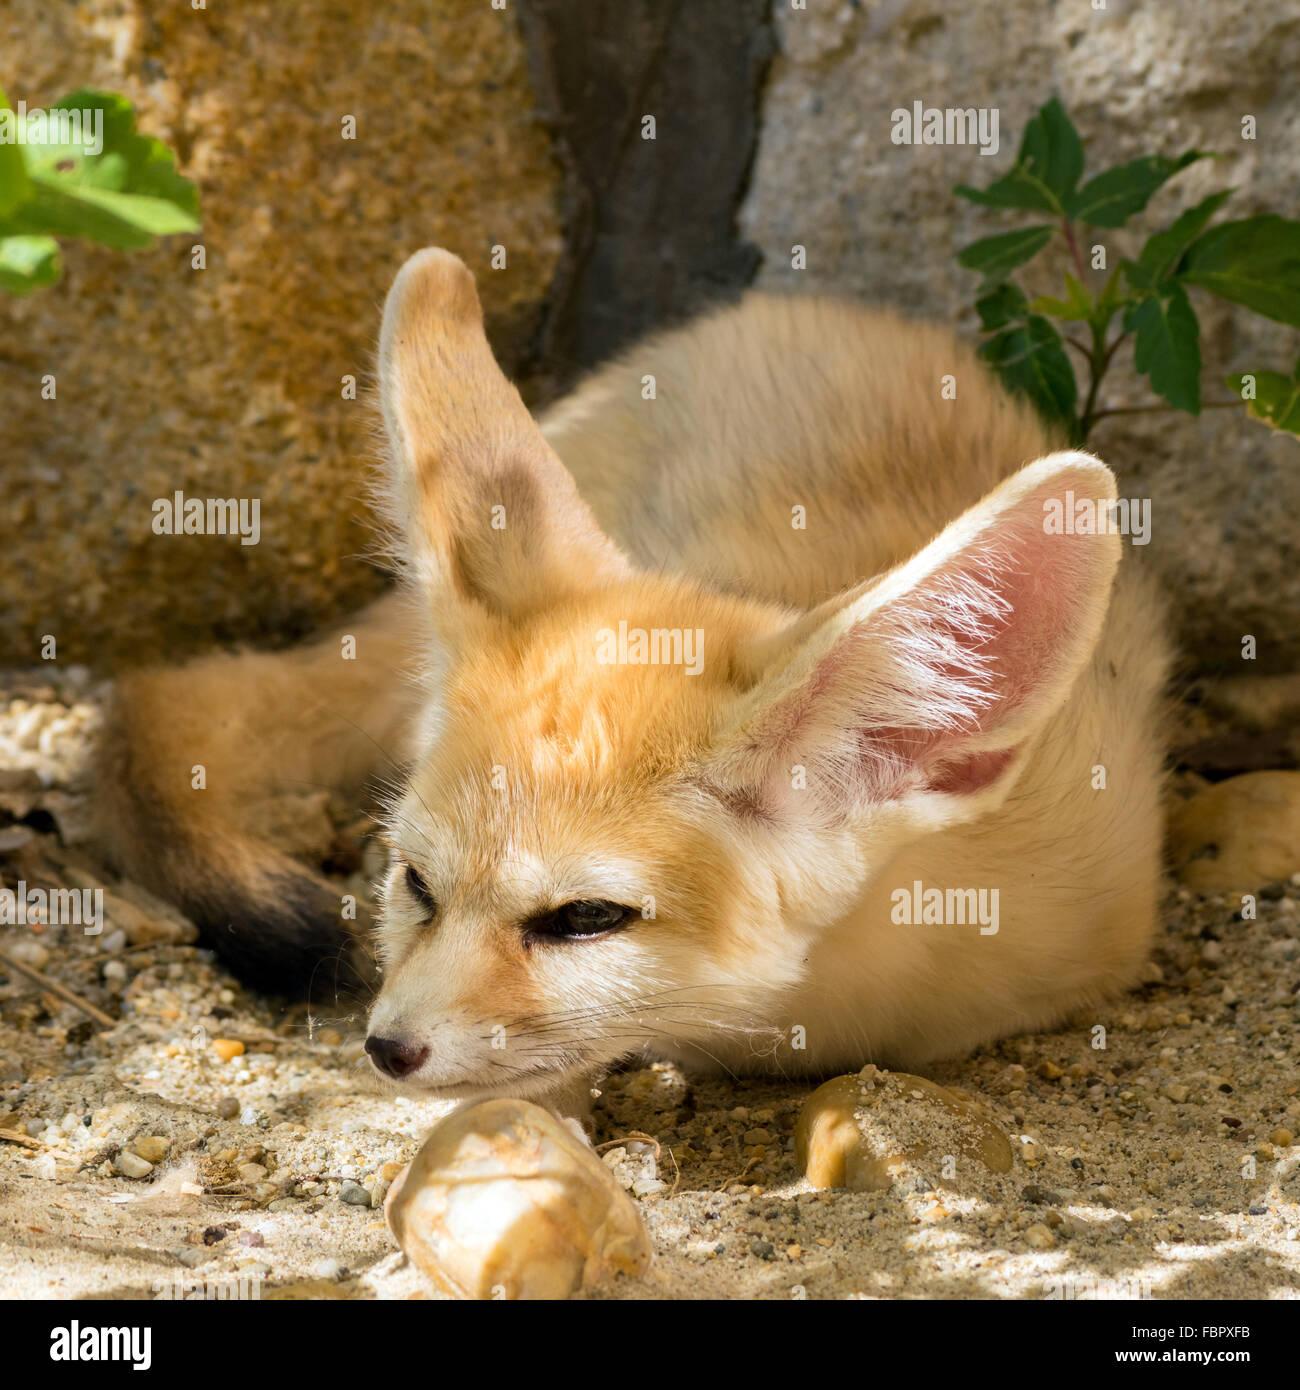 Fennec fox (Vulpes zerda) con una astuta sonrisa Imagen De Stock